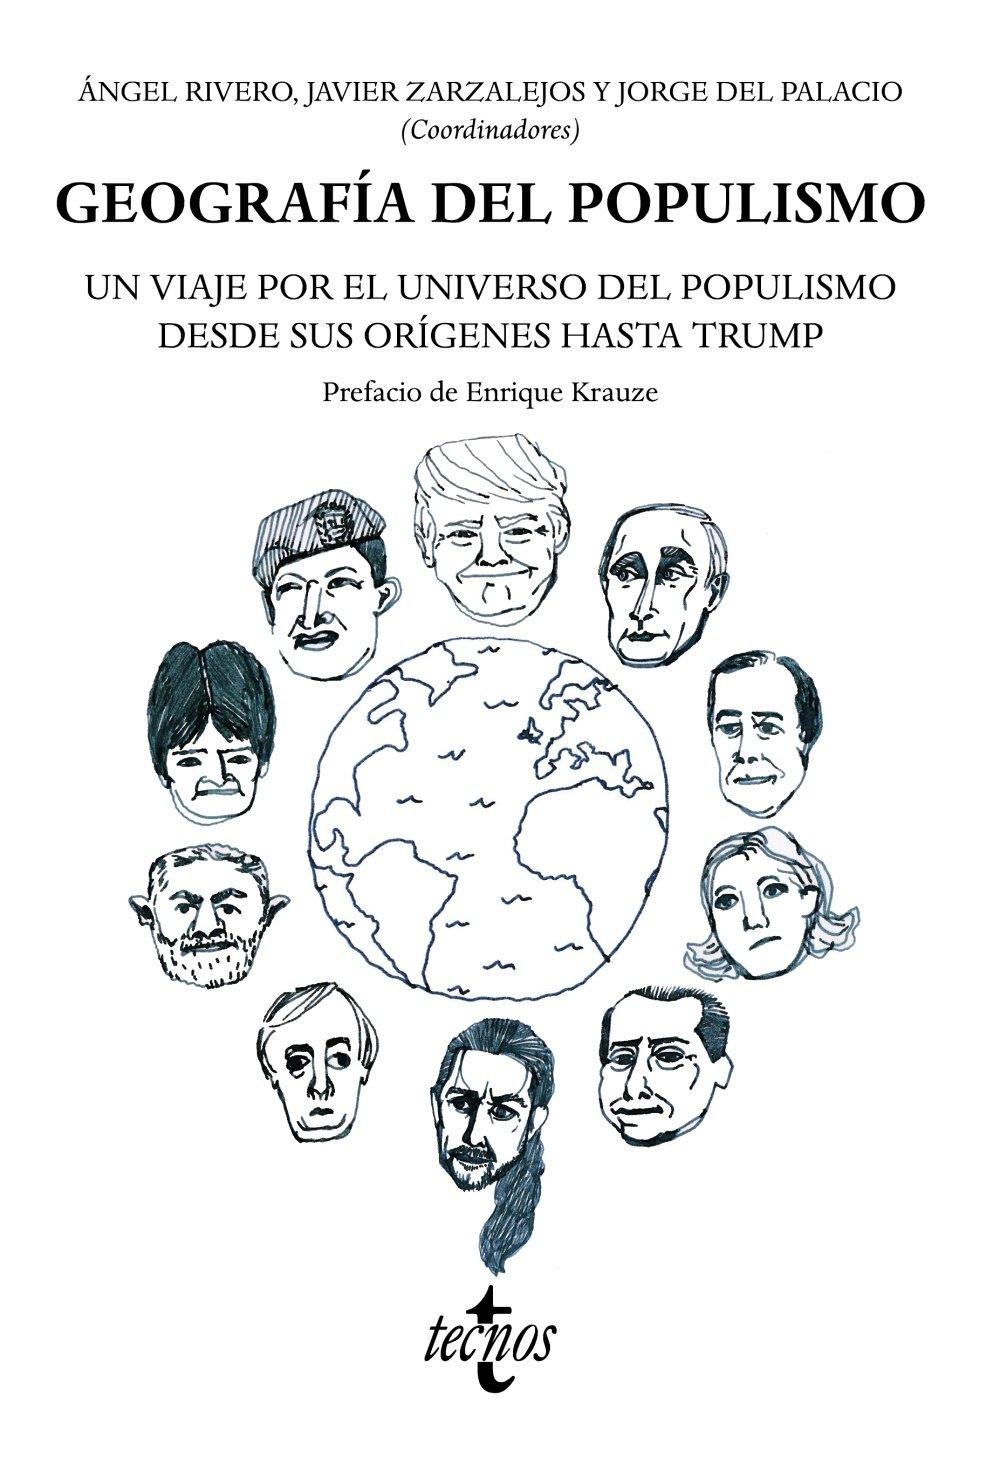 Geografía del Populismo. Un viaje por el universo del populismo desde sus orígenes hasta Trump